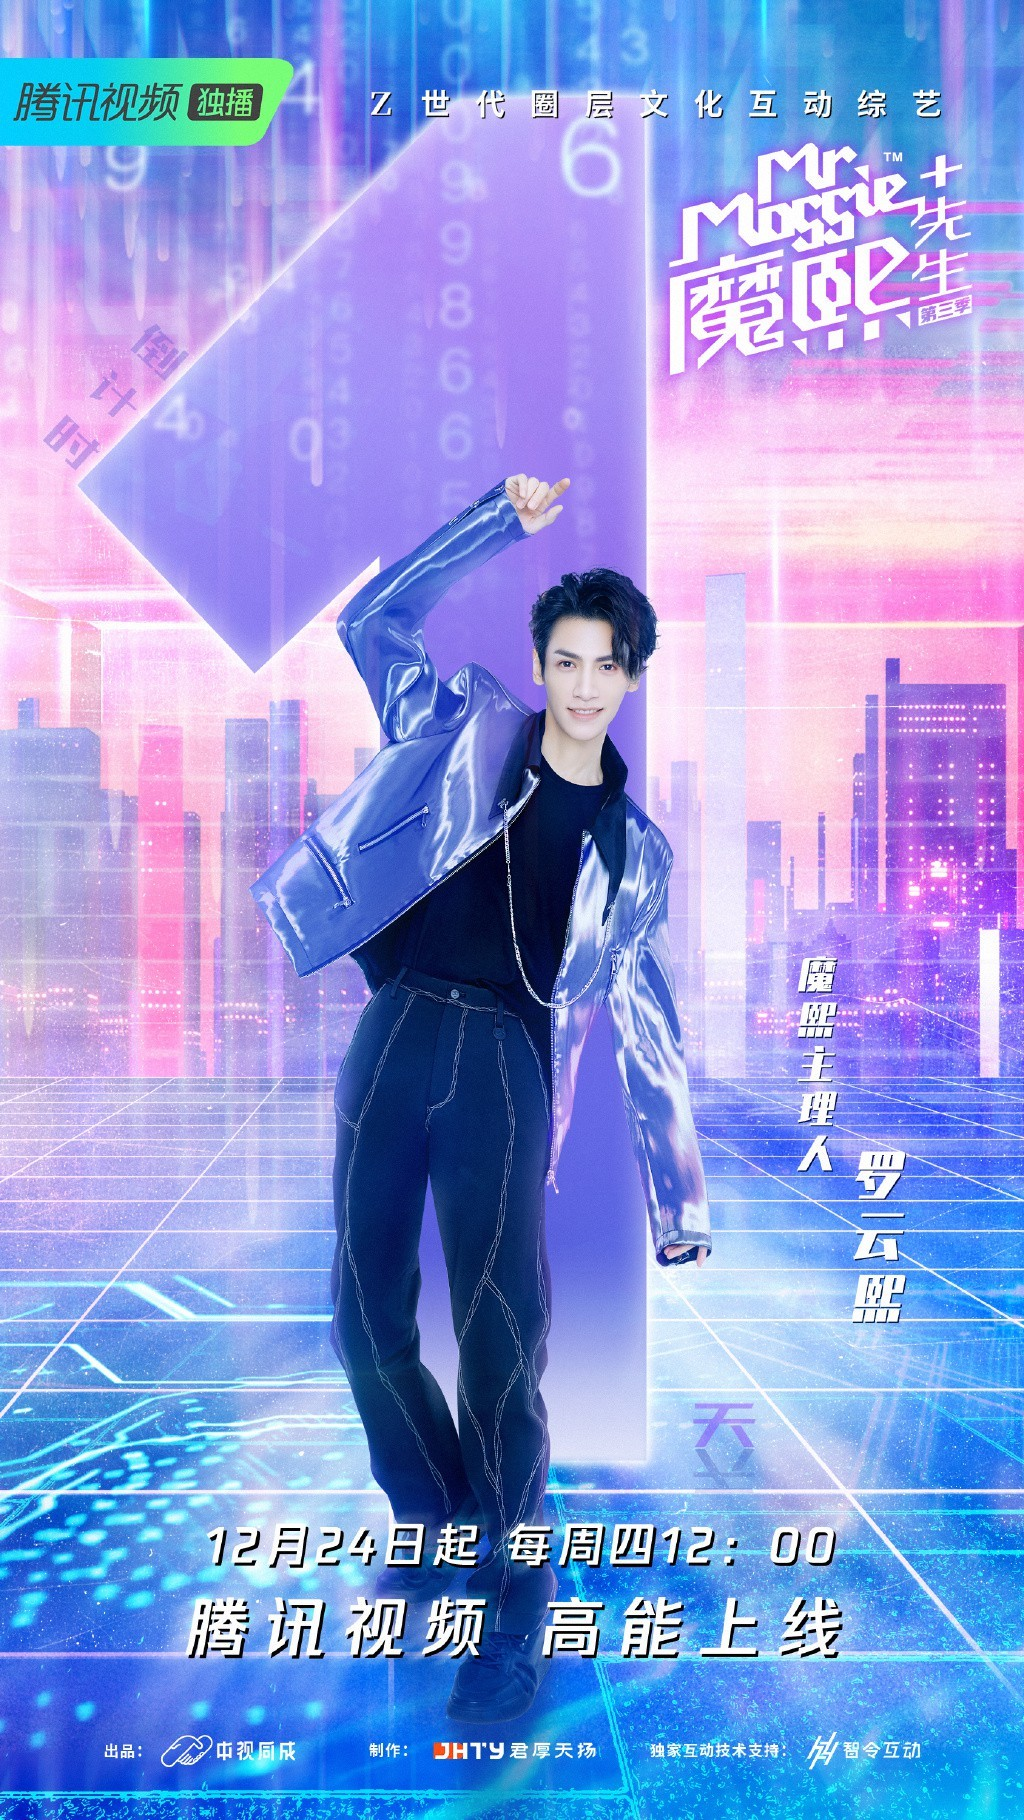 《魔熙先生+》开播 罗云熙不仅会唱歌会演戏还超会玩!